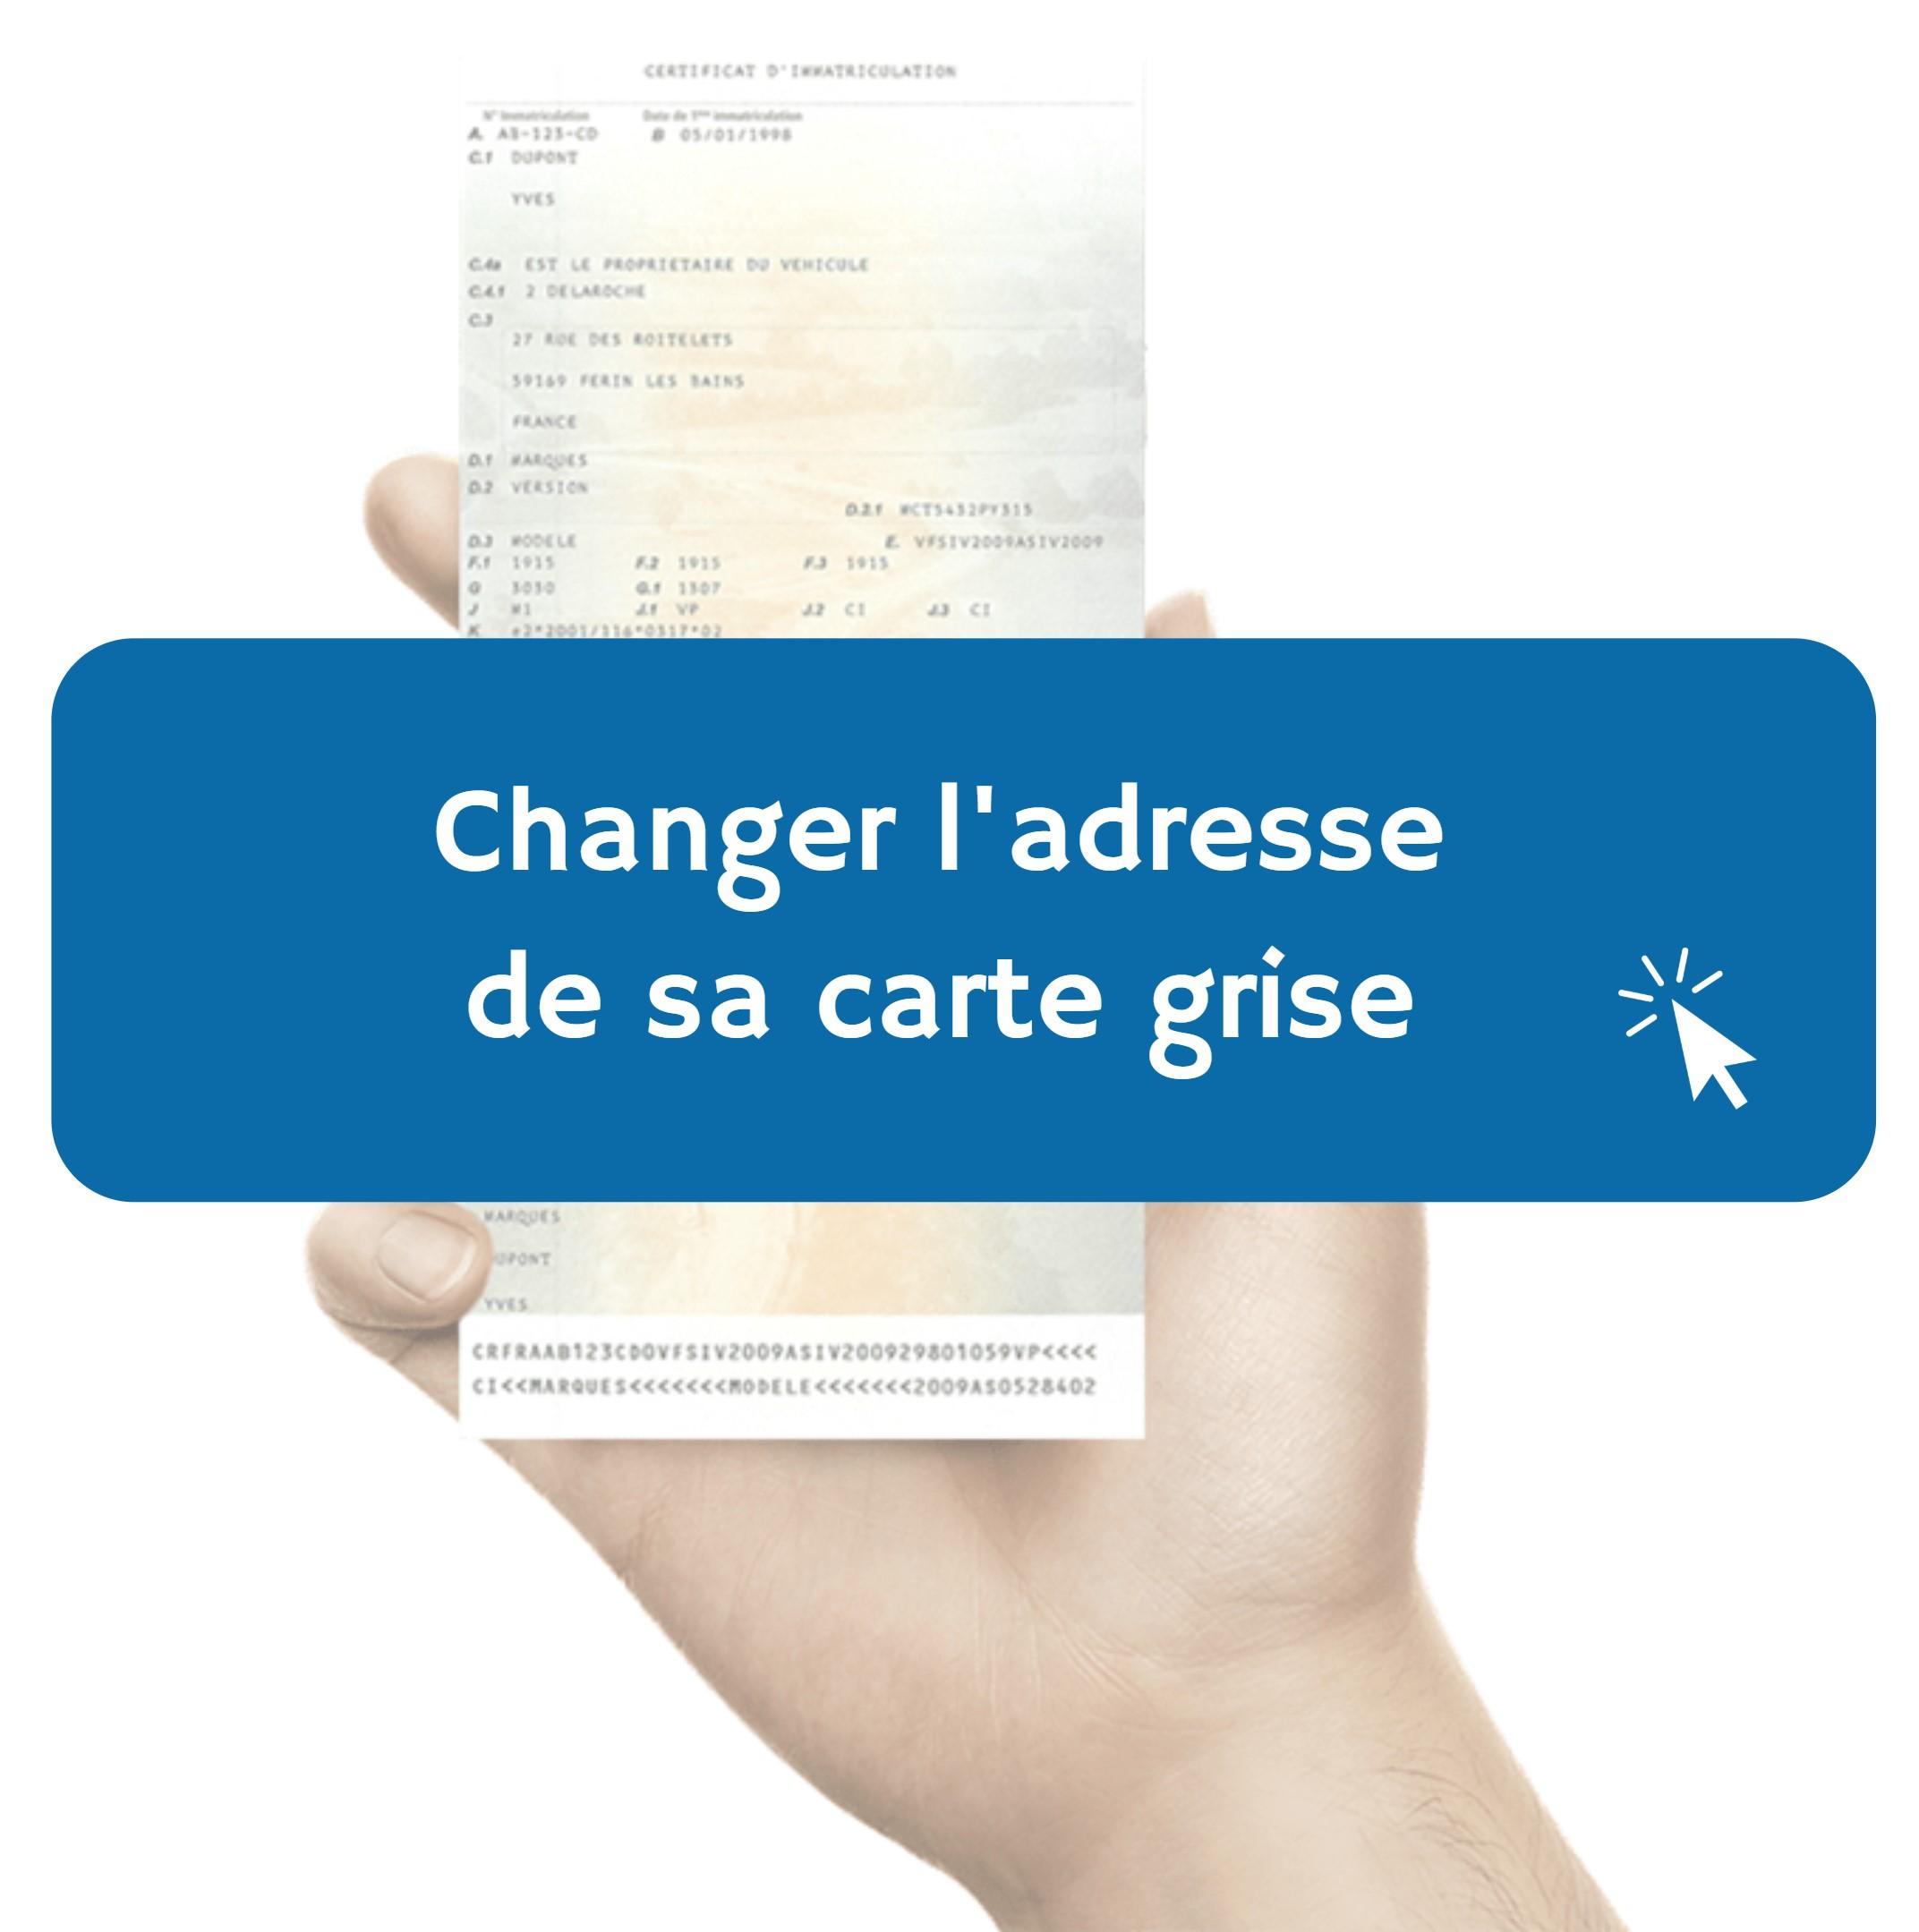 Changement d'adresse carte grise